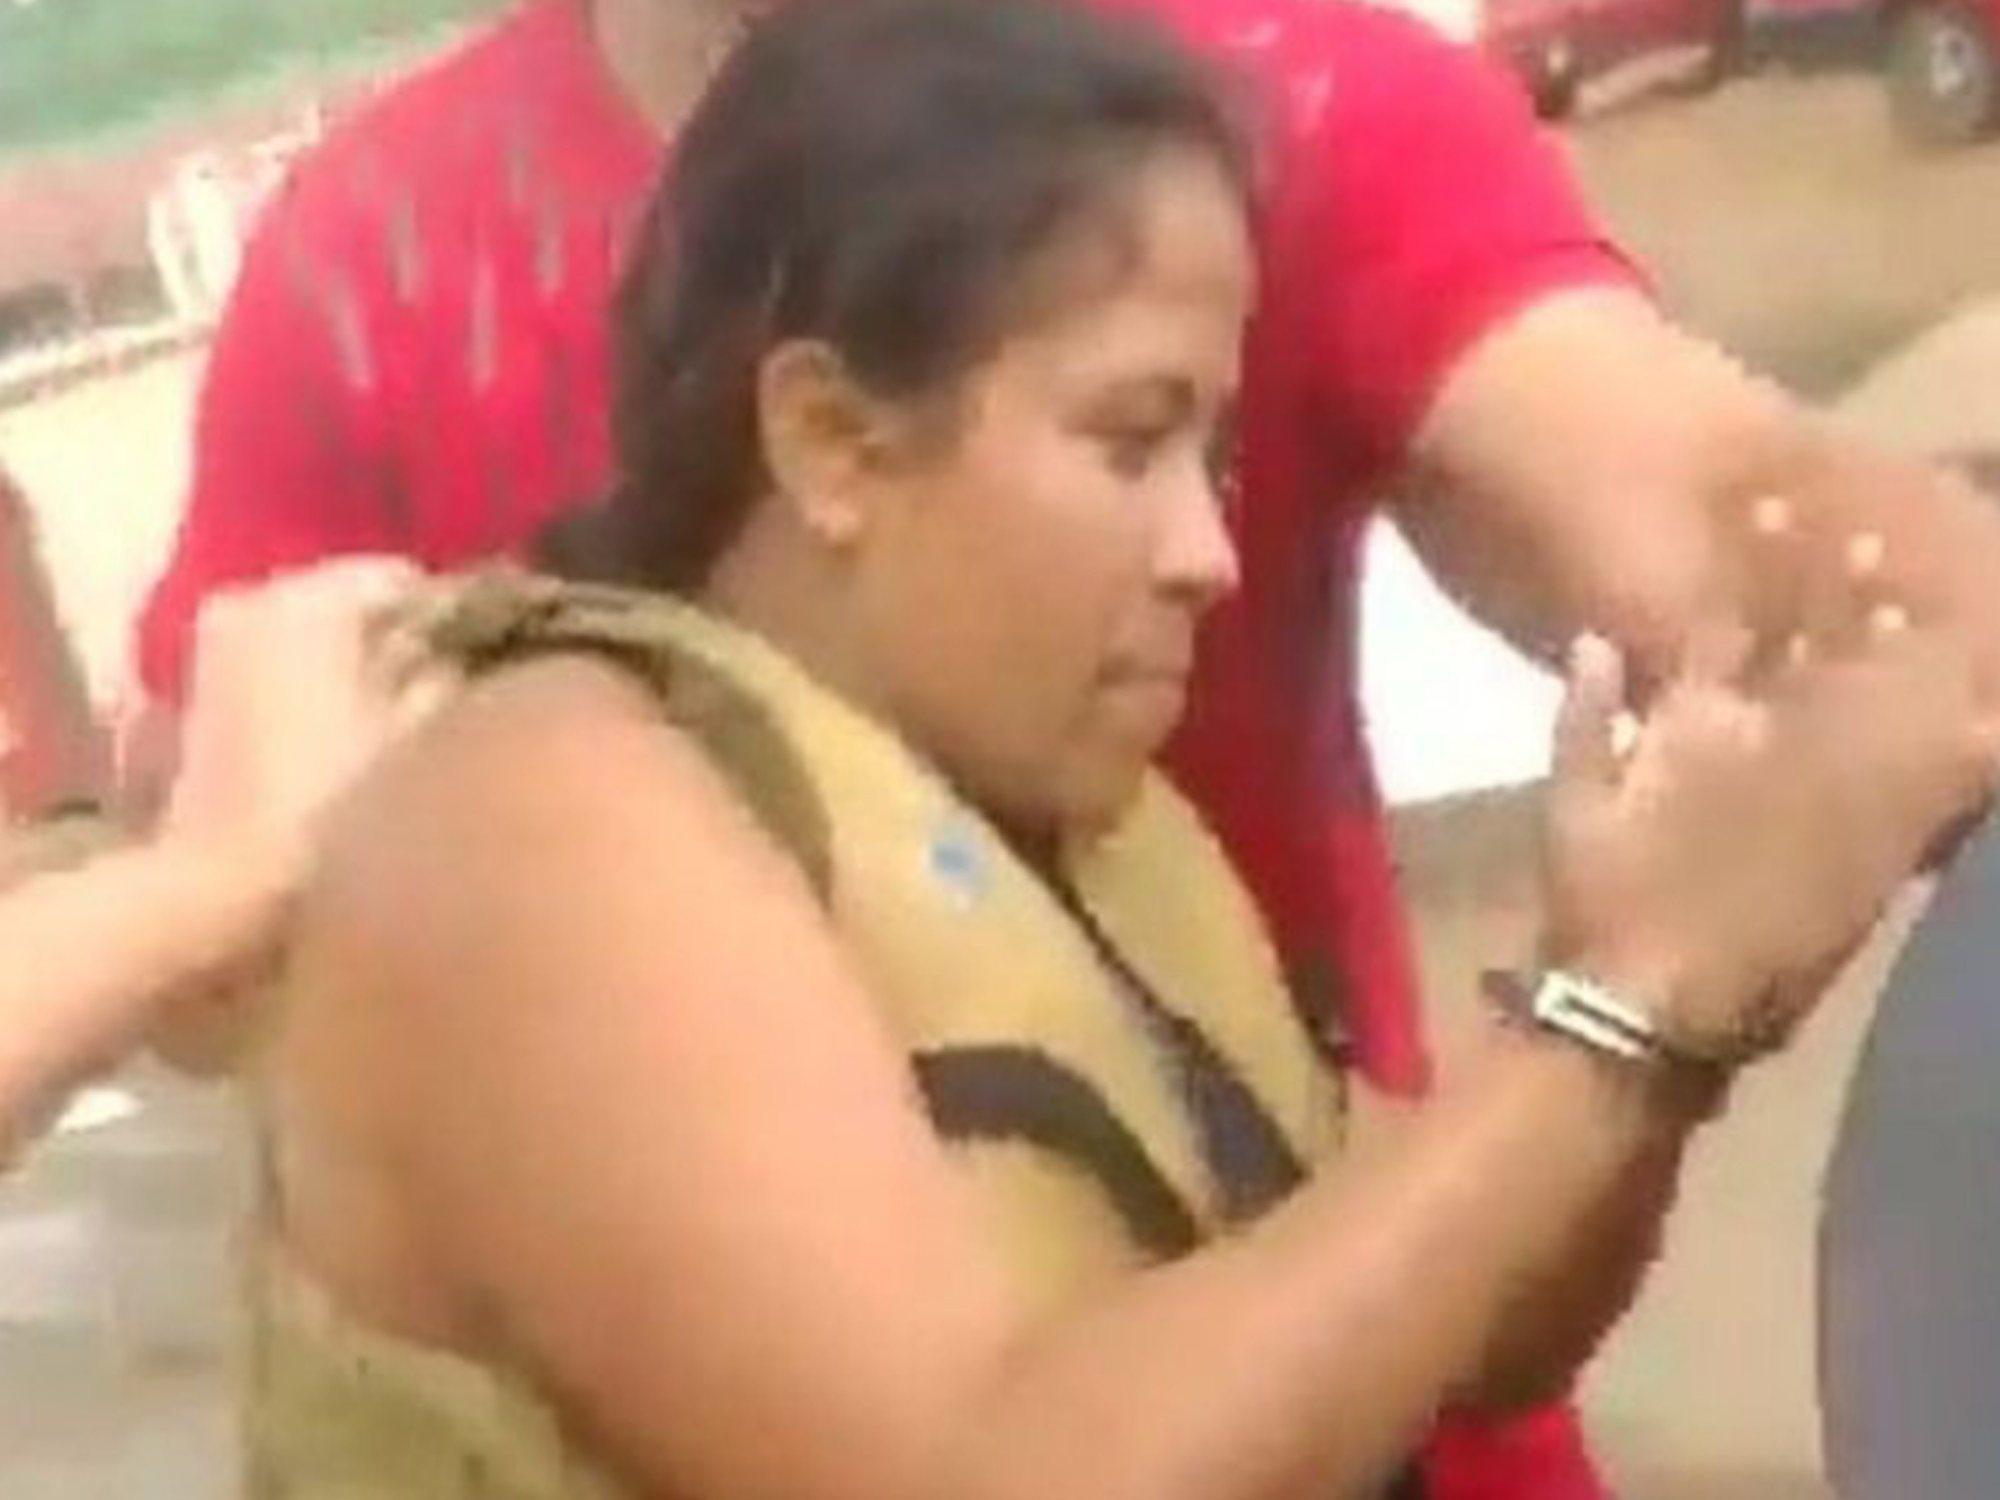 Una menor de 13 años apuñala a su hermana embarazada y le saca el bebé del vientre